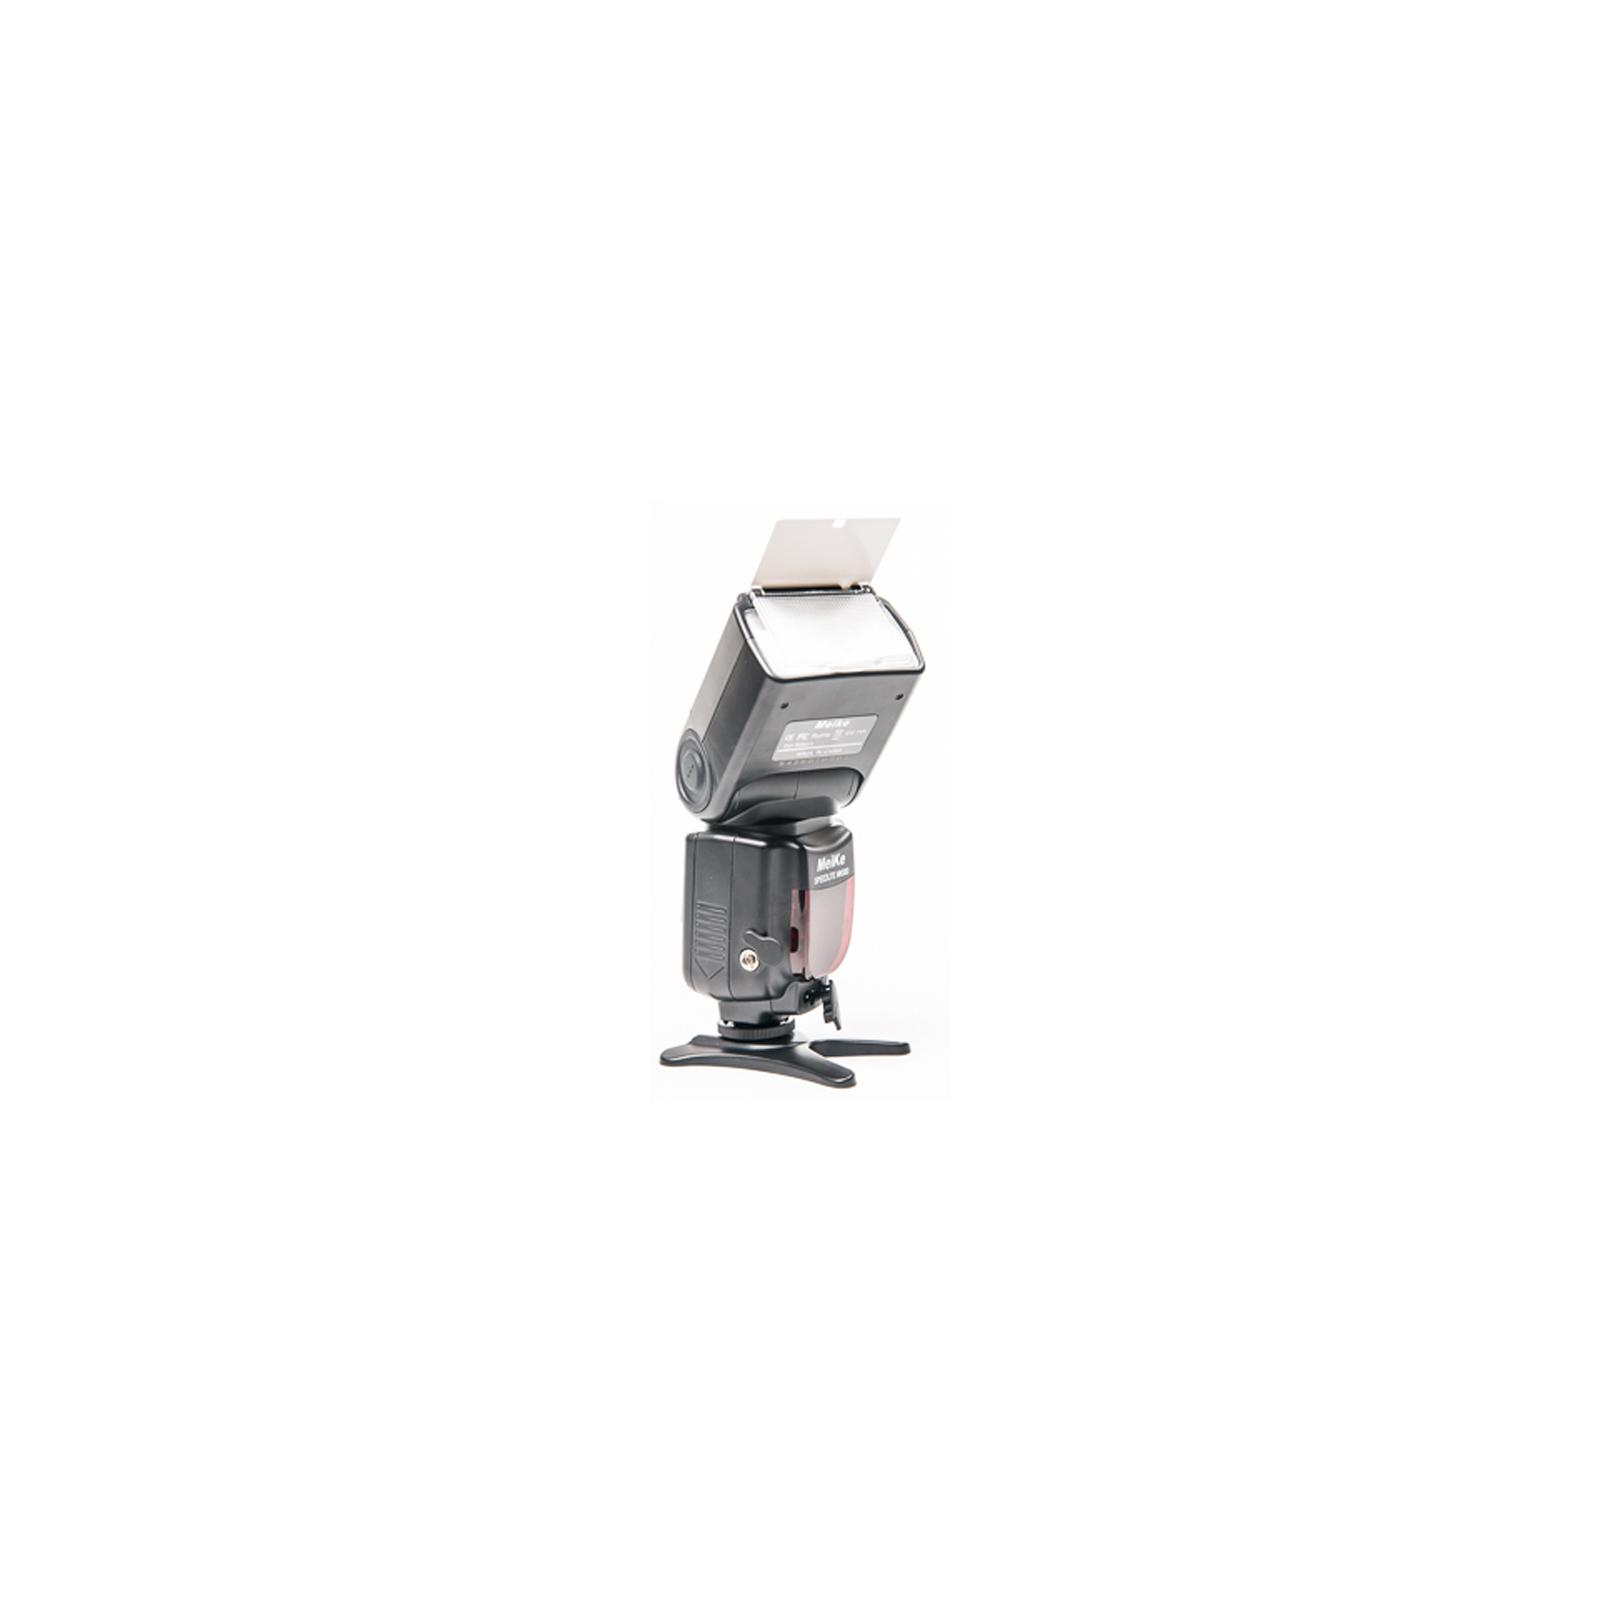 Вспышка Meike Canon 430c (SKW430C) изображение 4